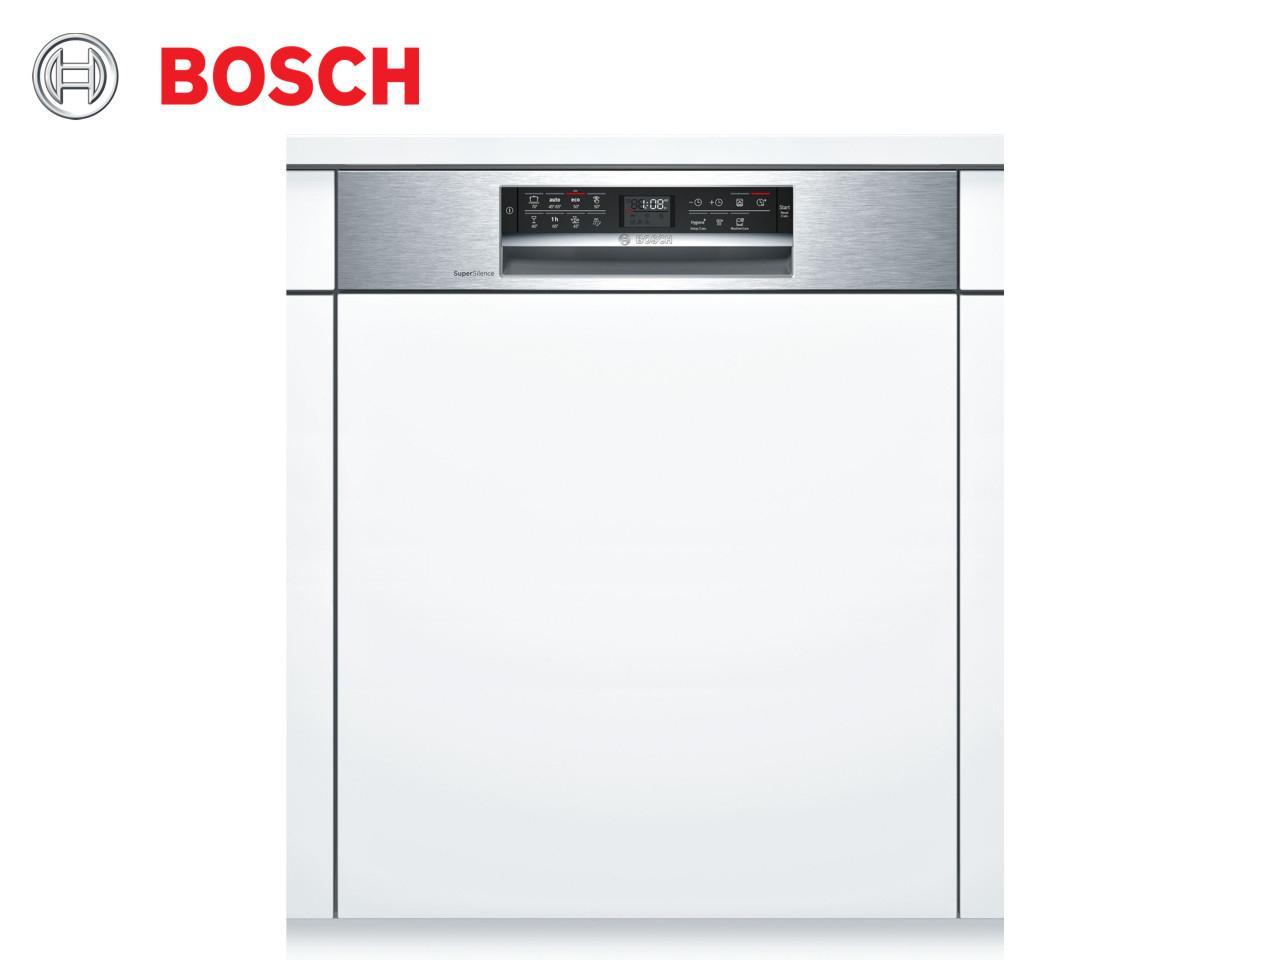 BOSCH SMI68MS02E (ekv. model SMI68MS07E) + 500 Kč na dárky nebo další nákup | CHAT on-line podpora PO-PÁ 8-22.00!!